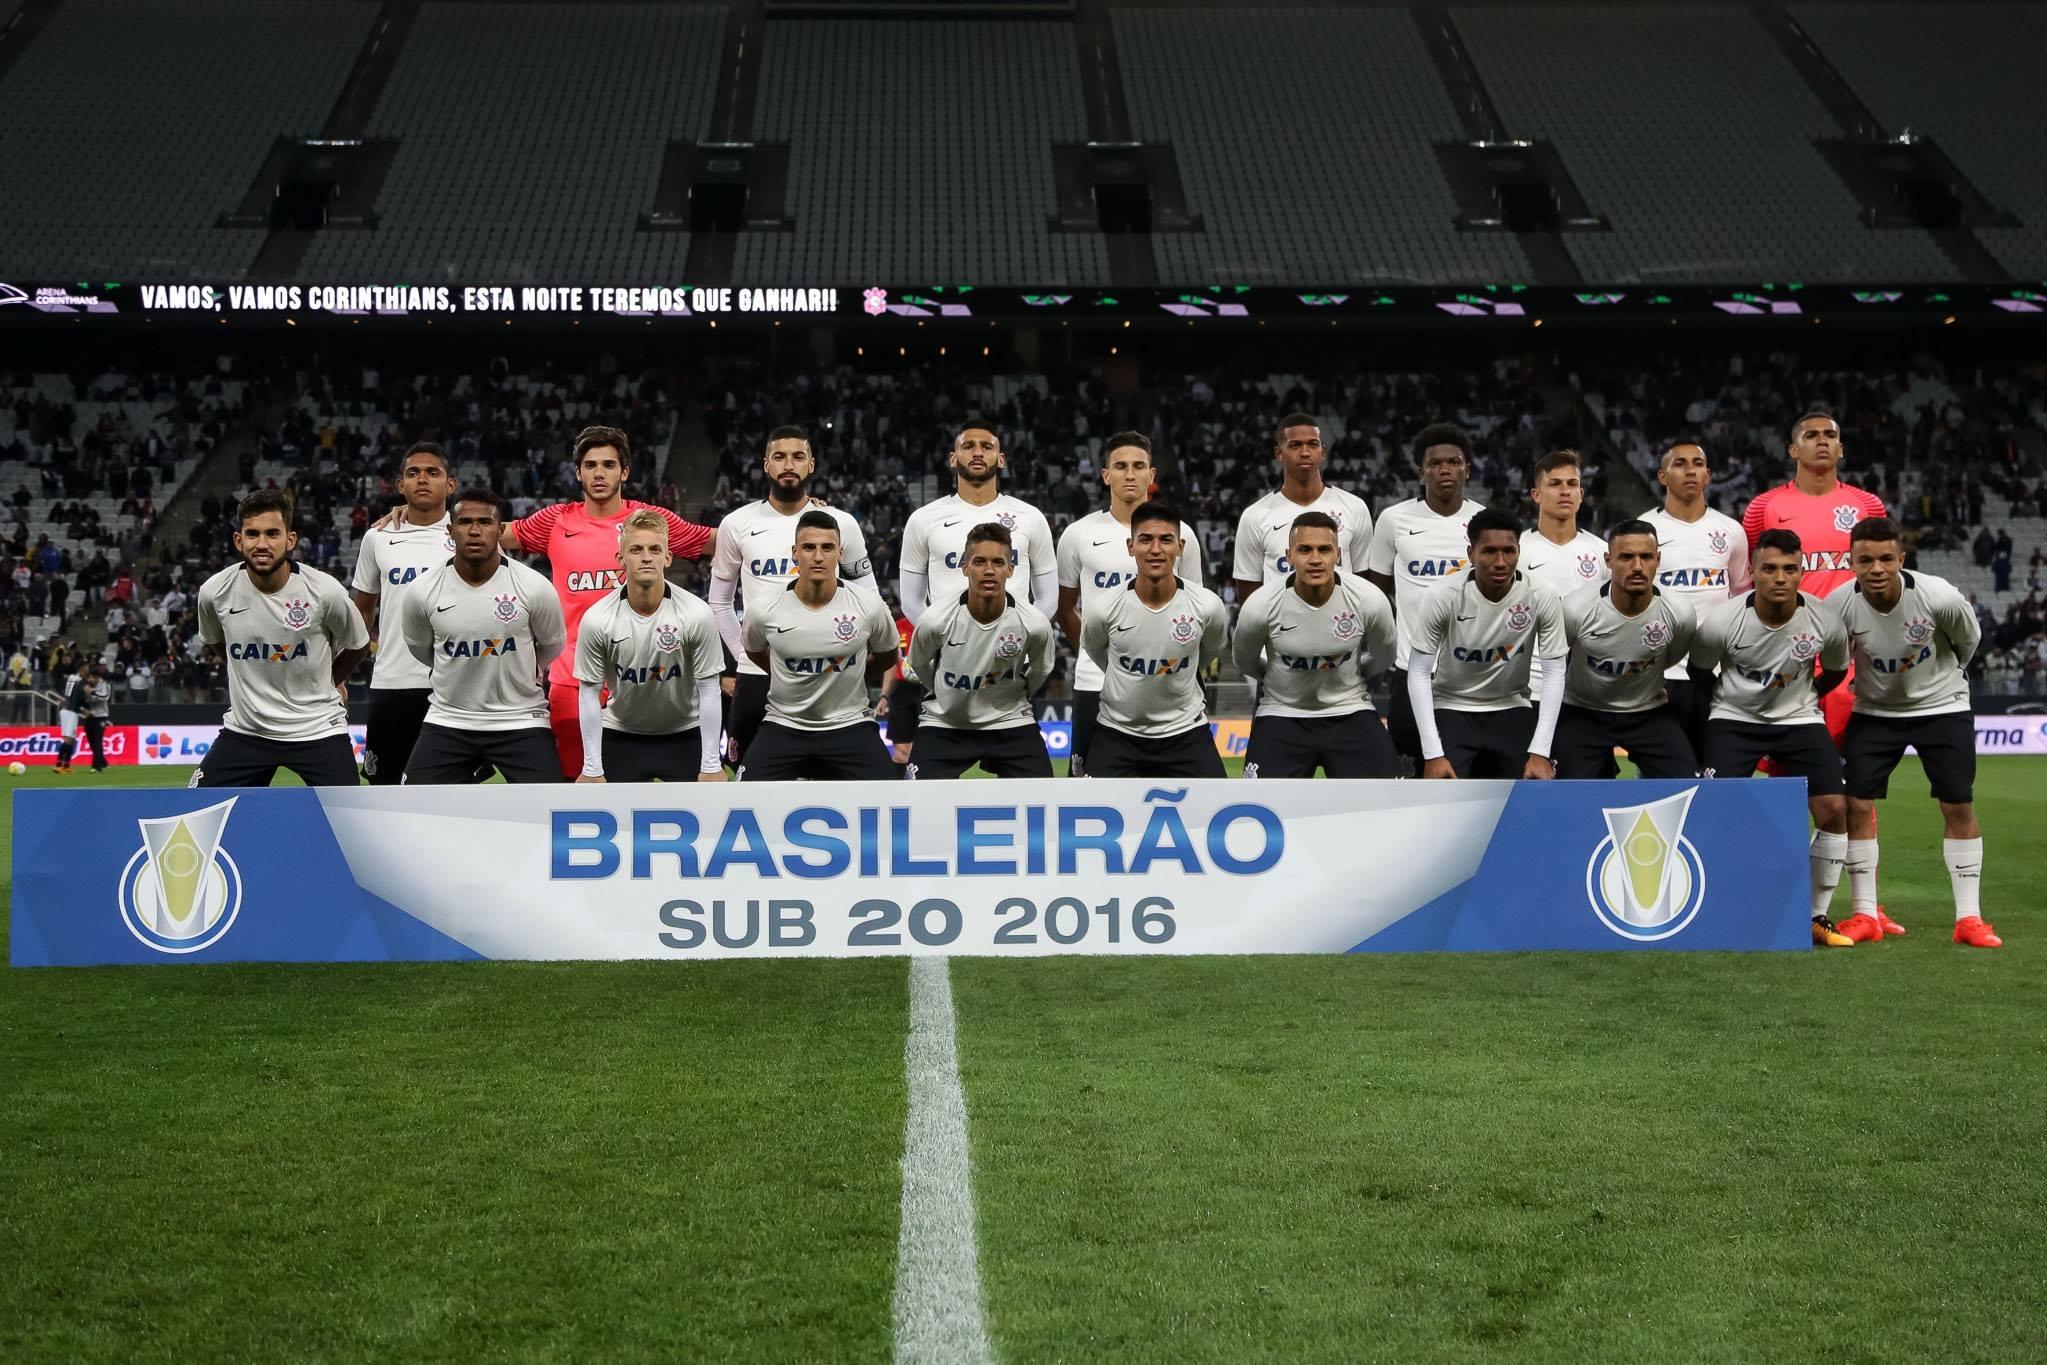 Sub 20: Botafogo Derruba O Corinthians Em Itaquera E é Campeão Do